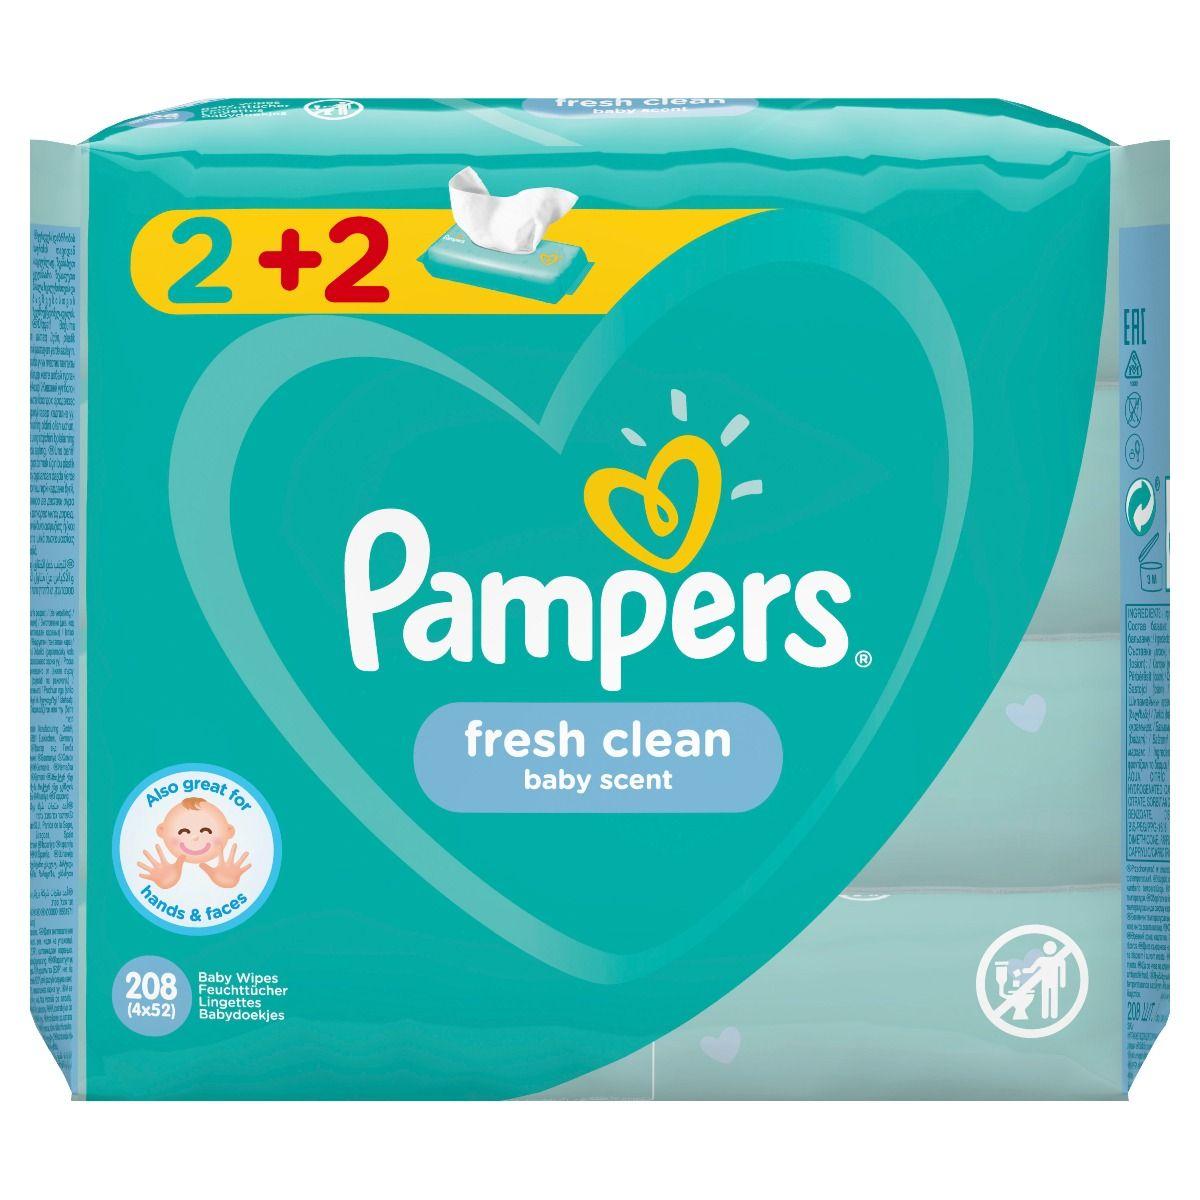 μωρομαντηλα pampers fresh clean 2+2 δώρο